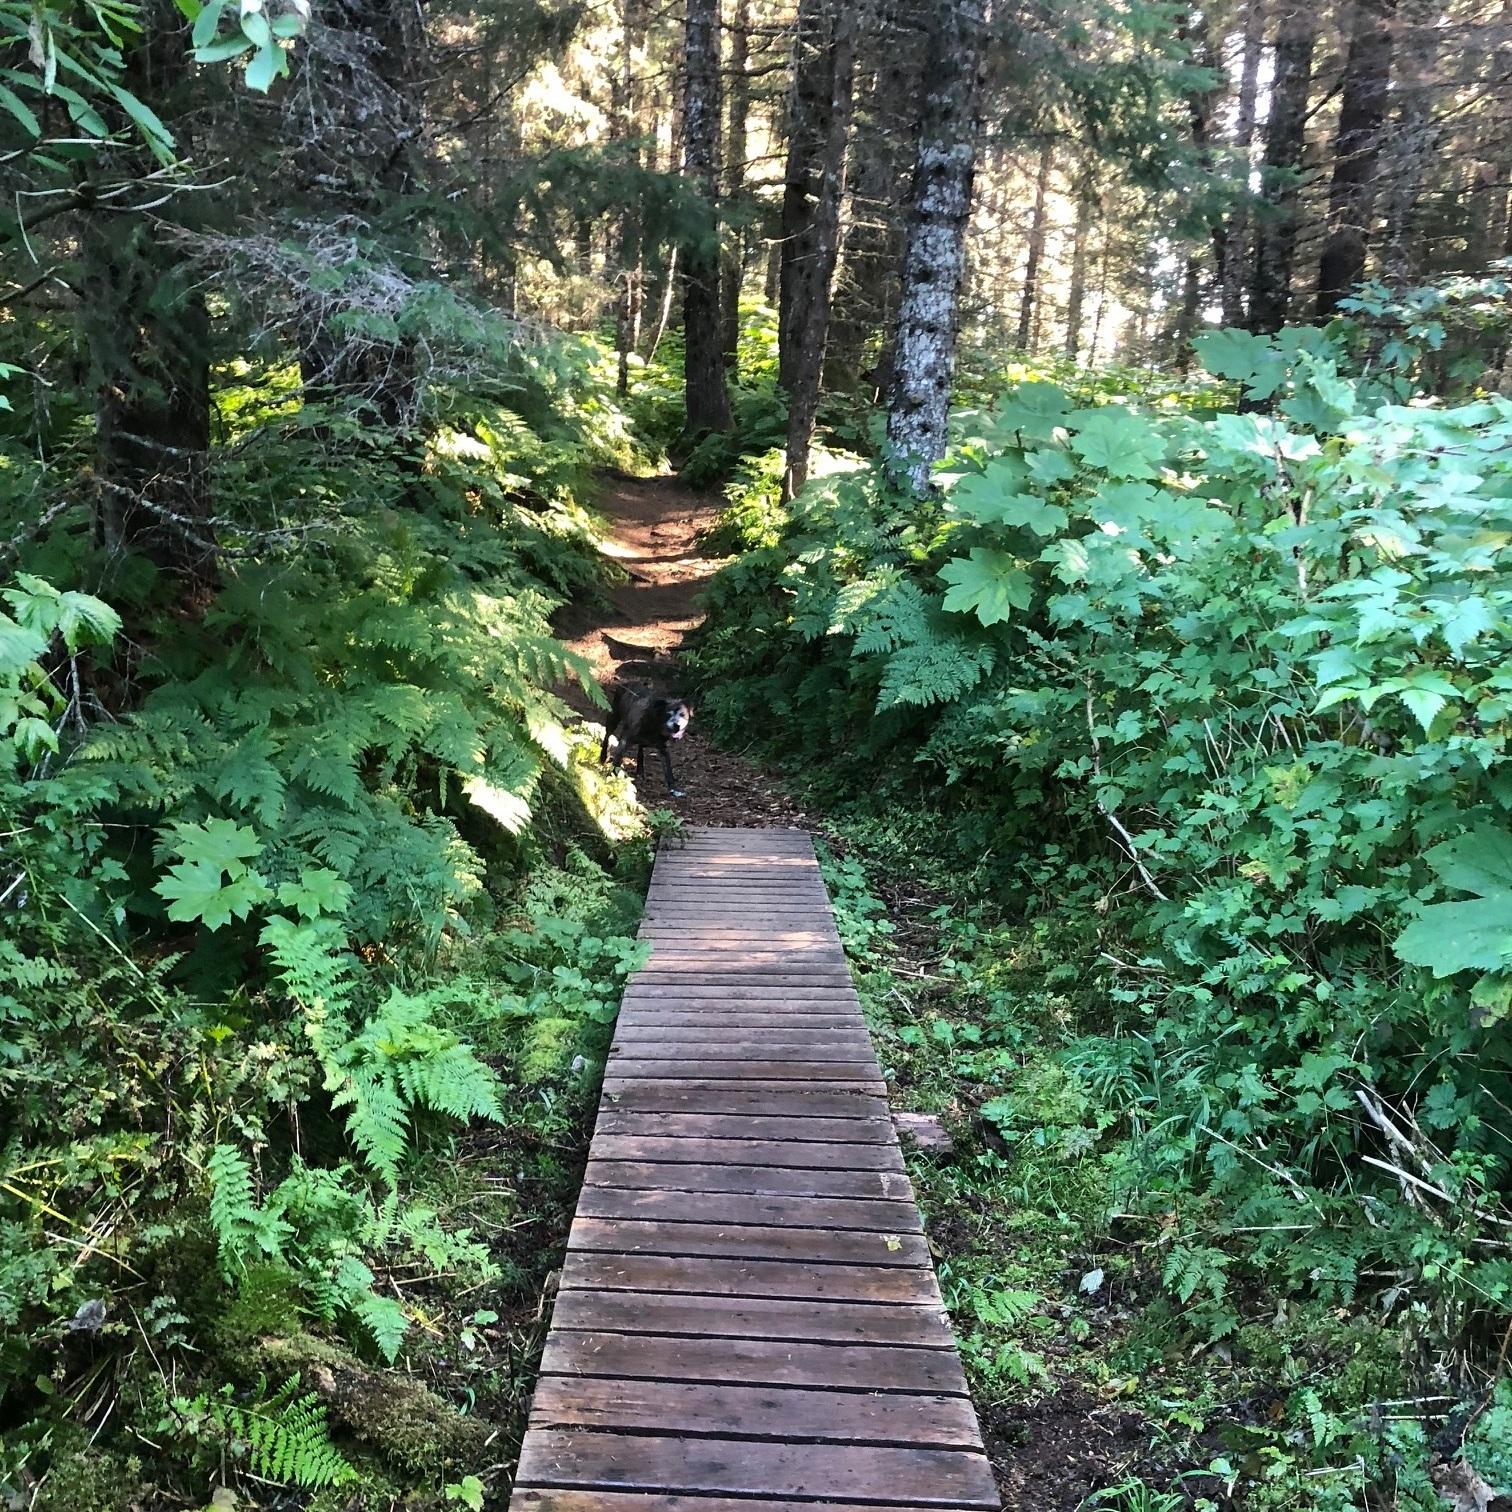 Wooden walkway on Otterbahn trail